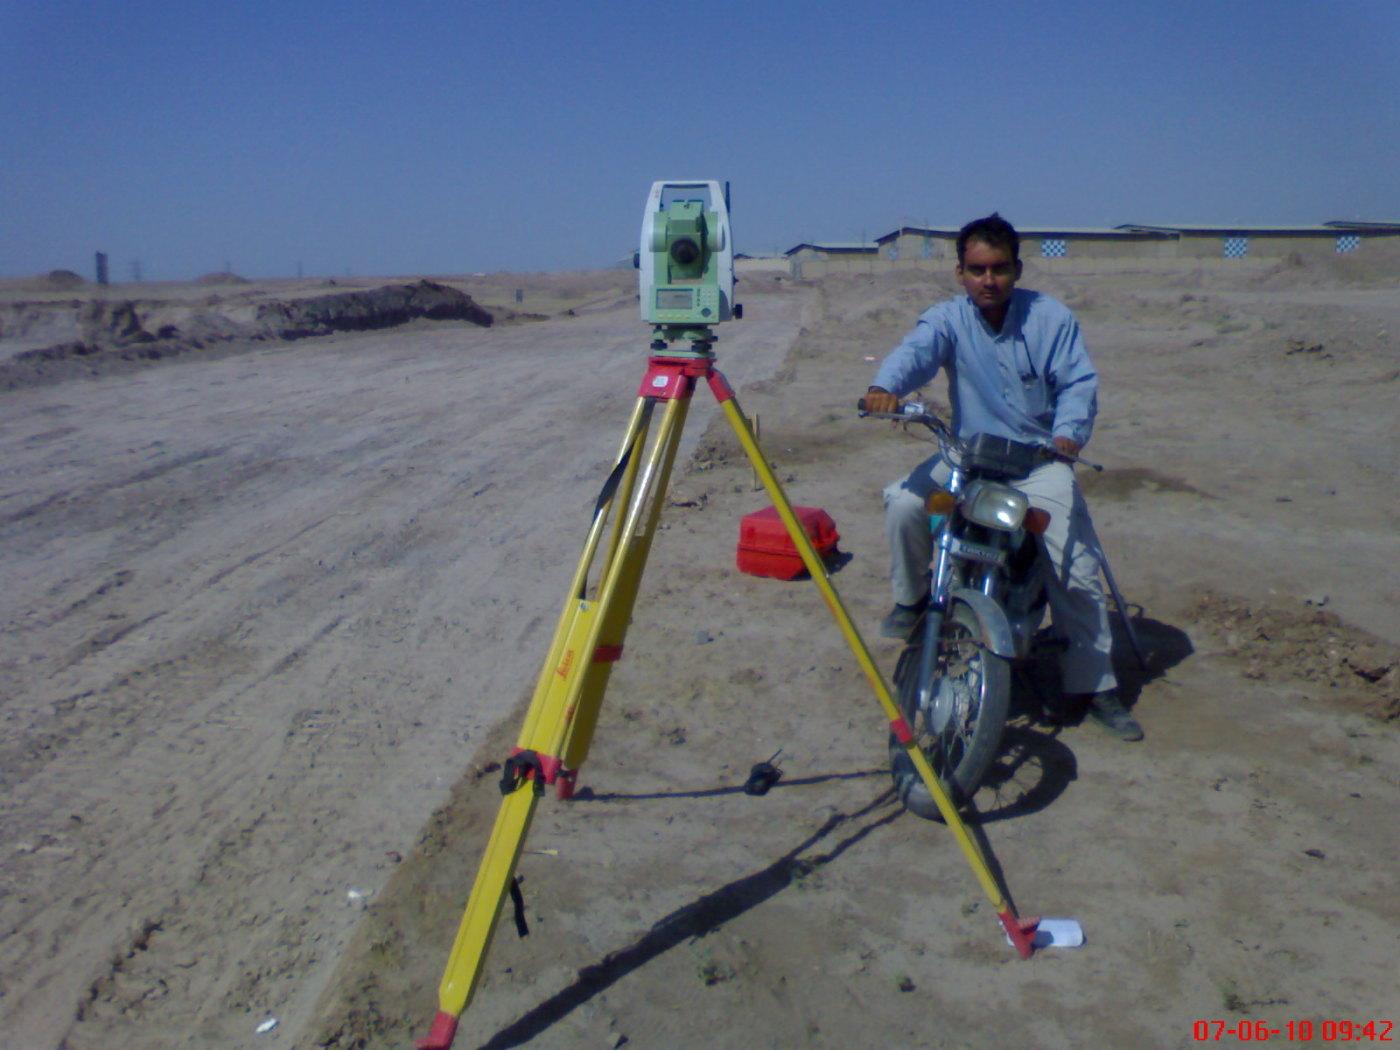 Surveying Iran